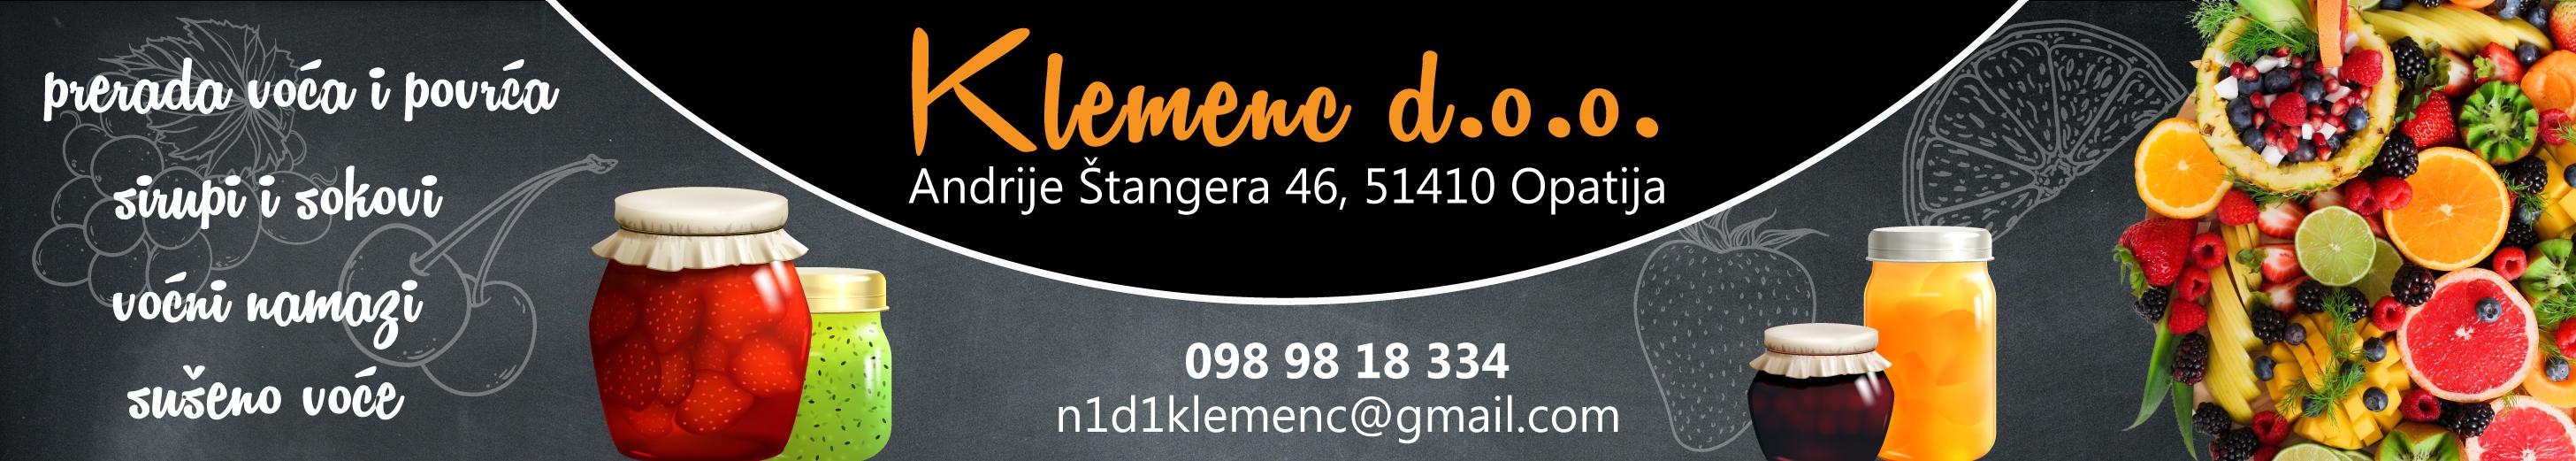 Klemenc-doo-banner@4x